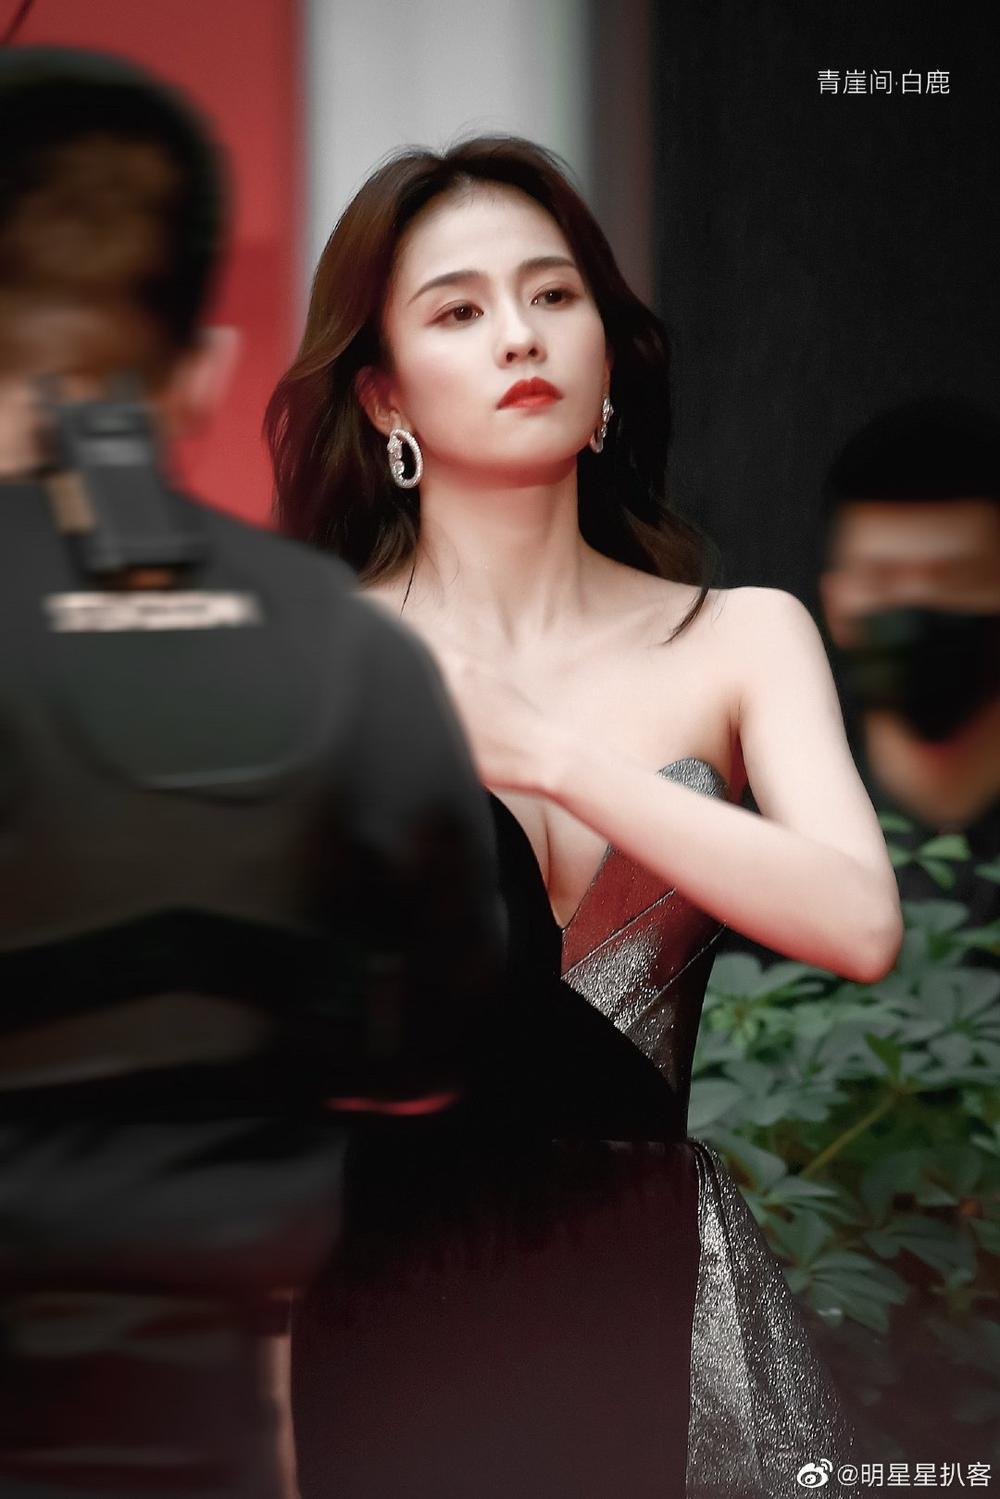 Thảm đỏ 'Đêm hội ELLE 2020': Dương Mịch đọ sắc Đường Yên - Cổ Lực Na Trát, Giang Sở Ảnh diện váy xuyên thấu Ảnh 69